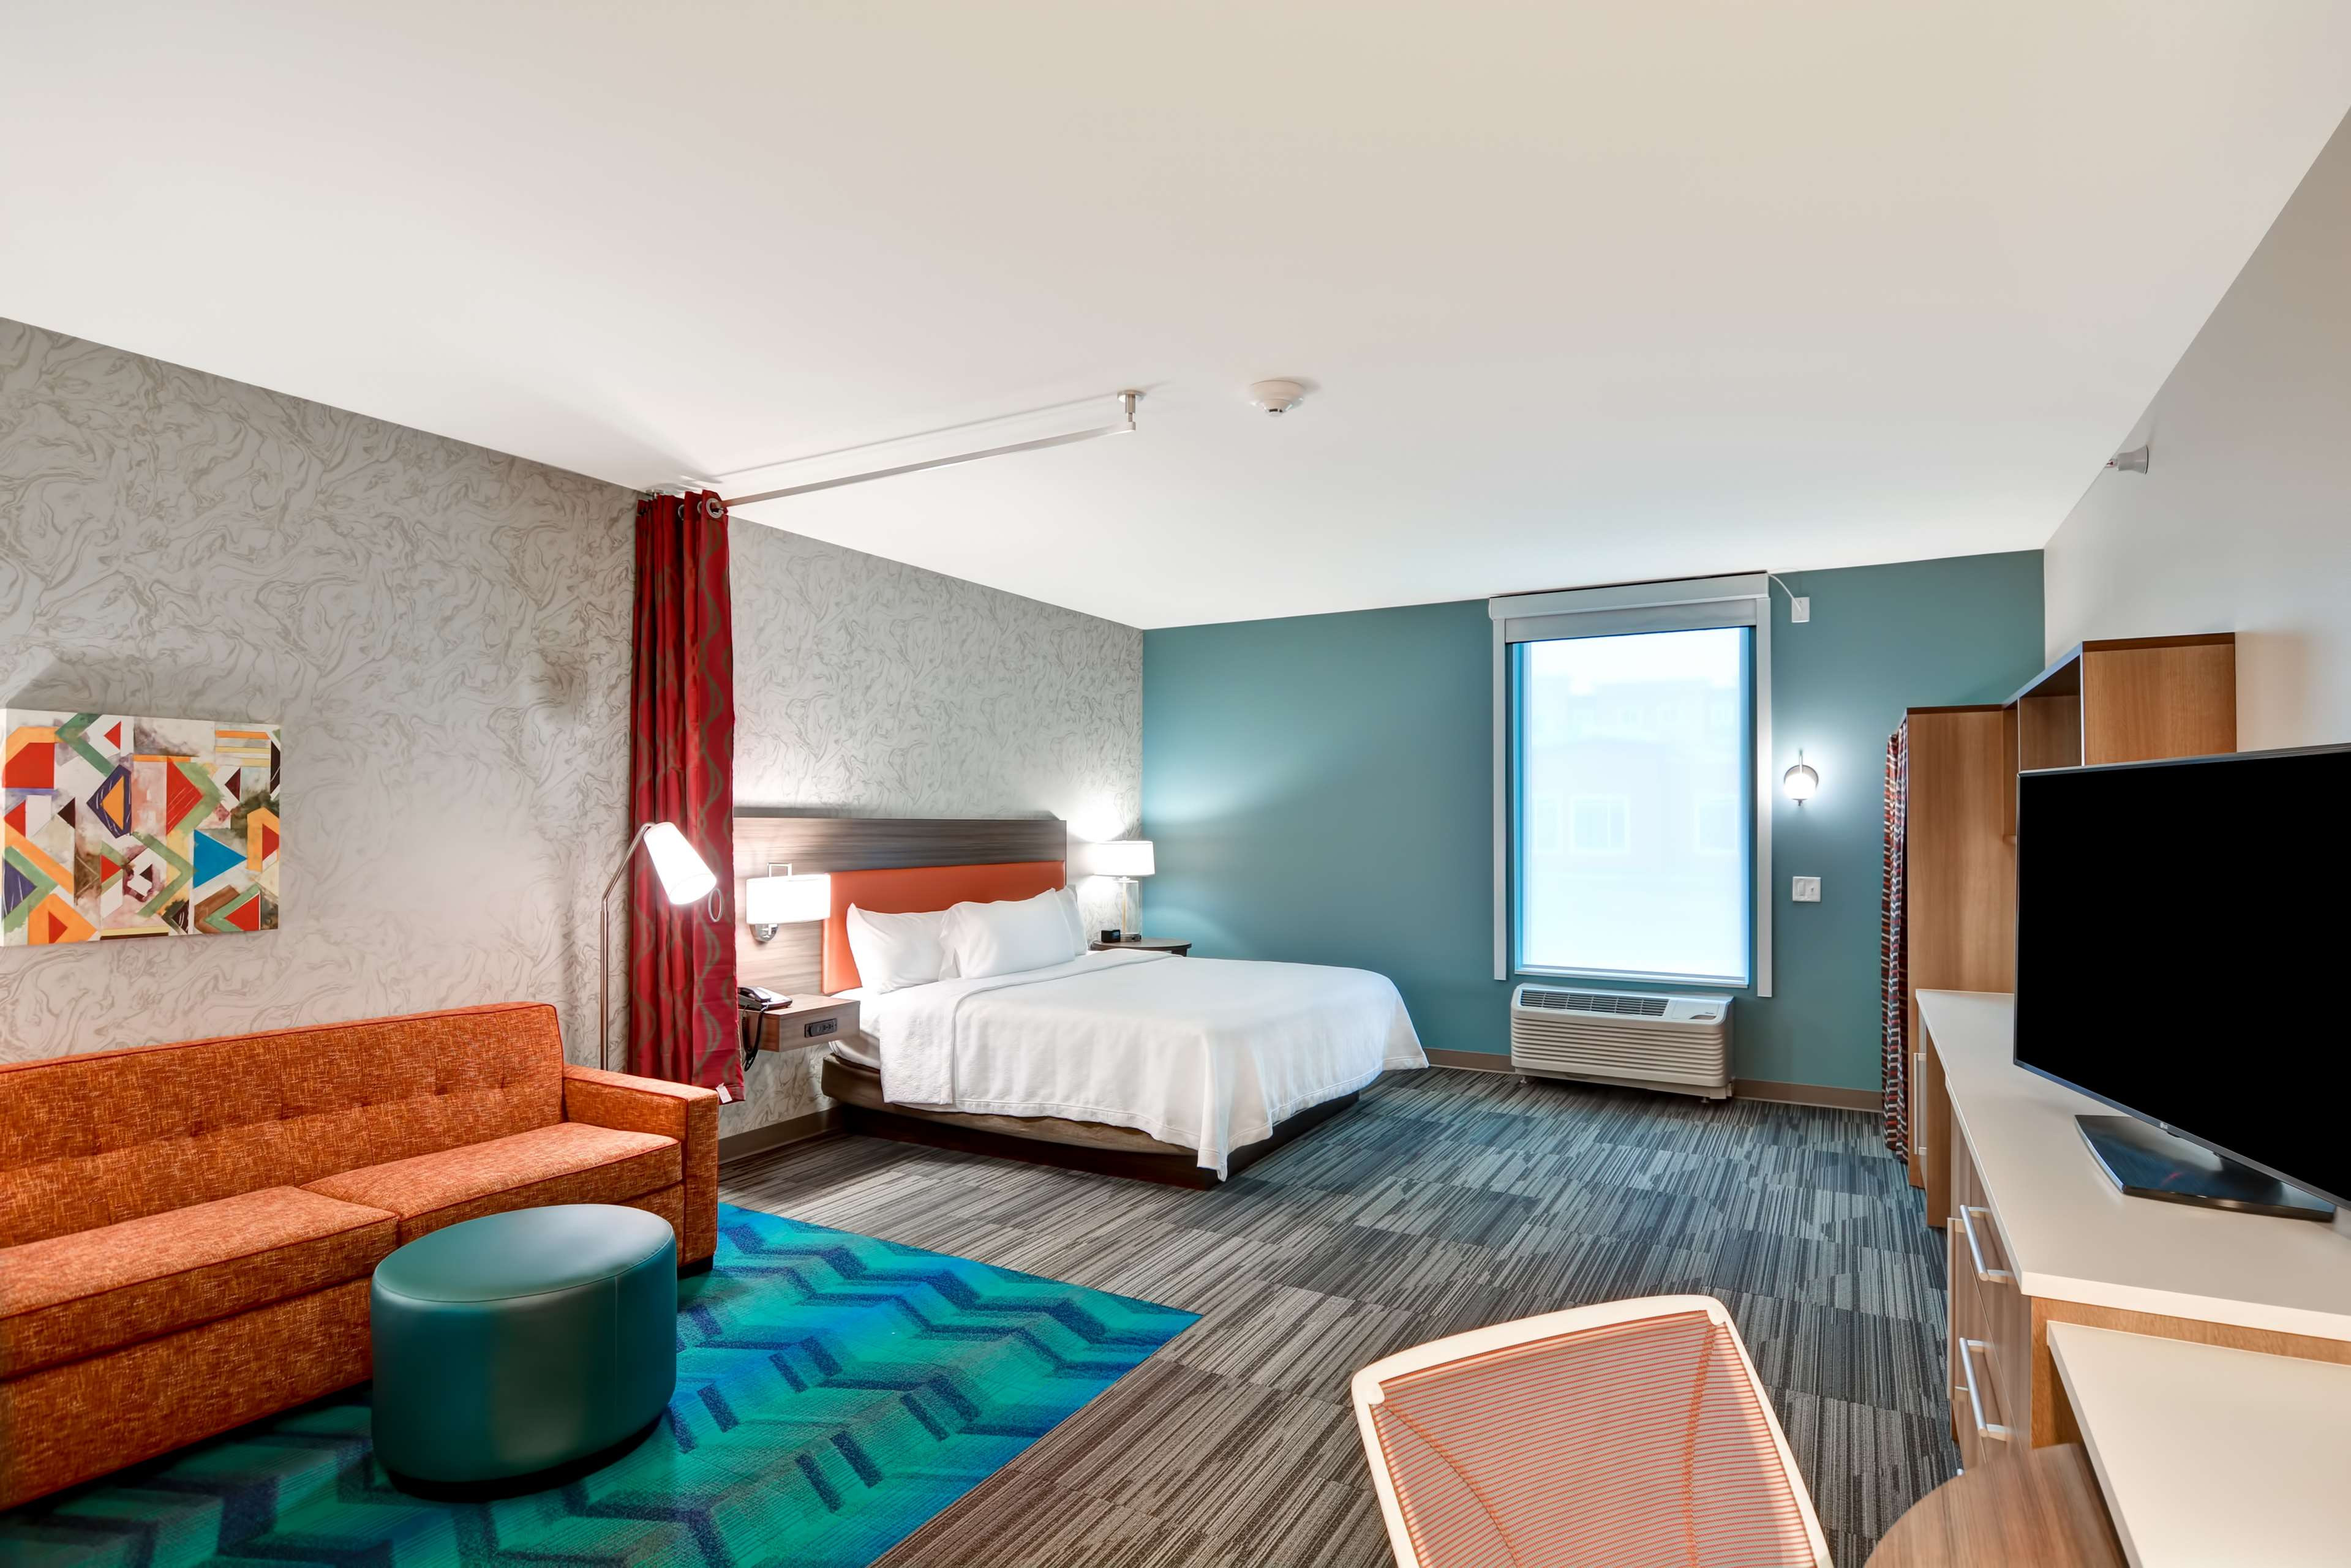 Home2 Suites by Hilton Lafayette image 32